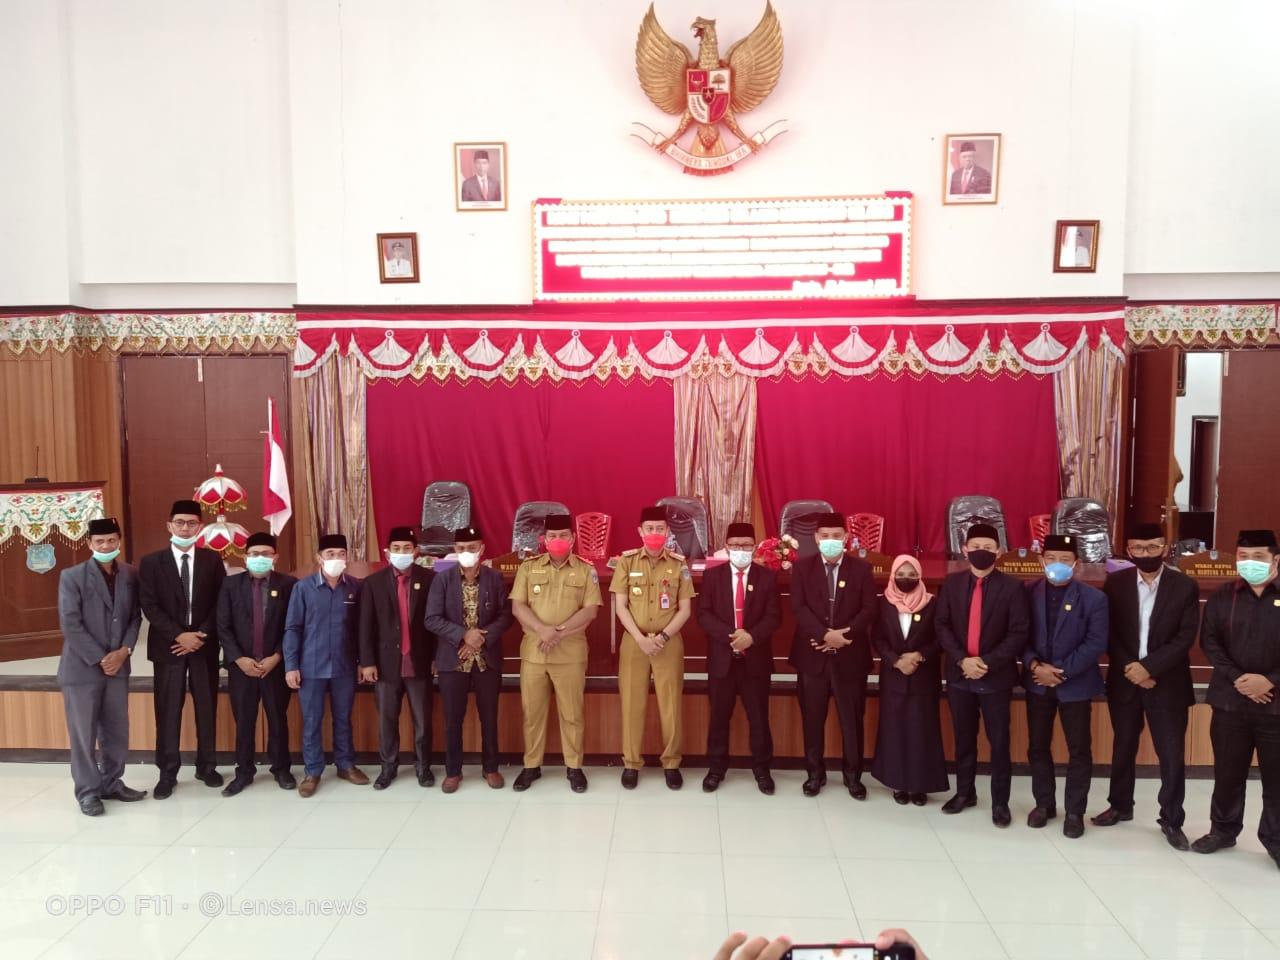 Jajaran DPRD Kabupaten Bolsel melakukan sesi foto bersama dengan Bupati dan Wakil Bupati terpilih Kabupaten Bolsel periode 2020-2024, Iskandar Kamaru-Deddy Abdul Hamid.